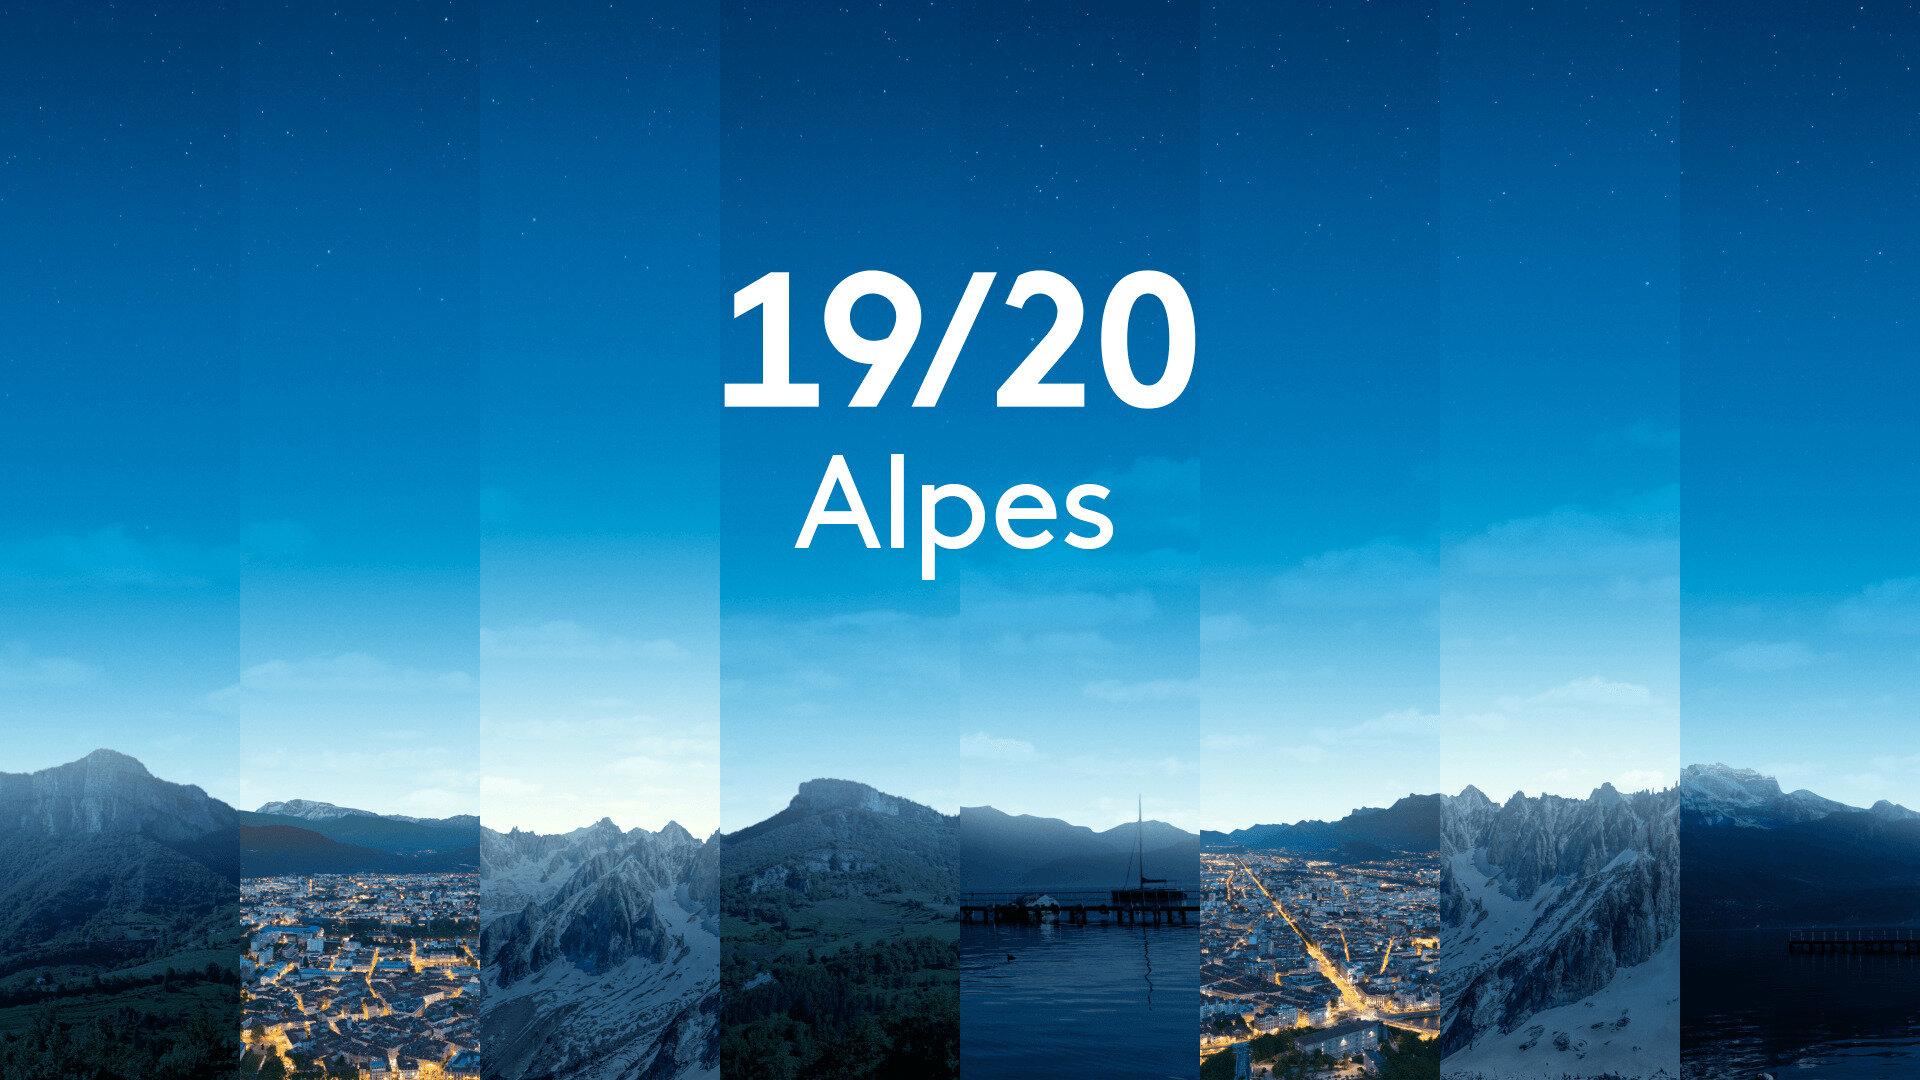 19/20 Alpes